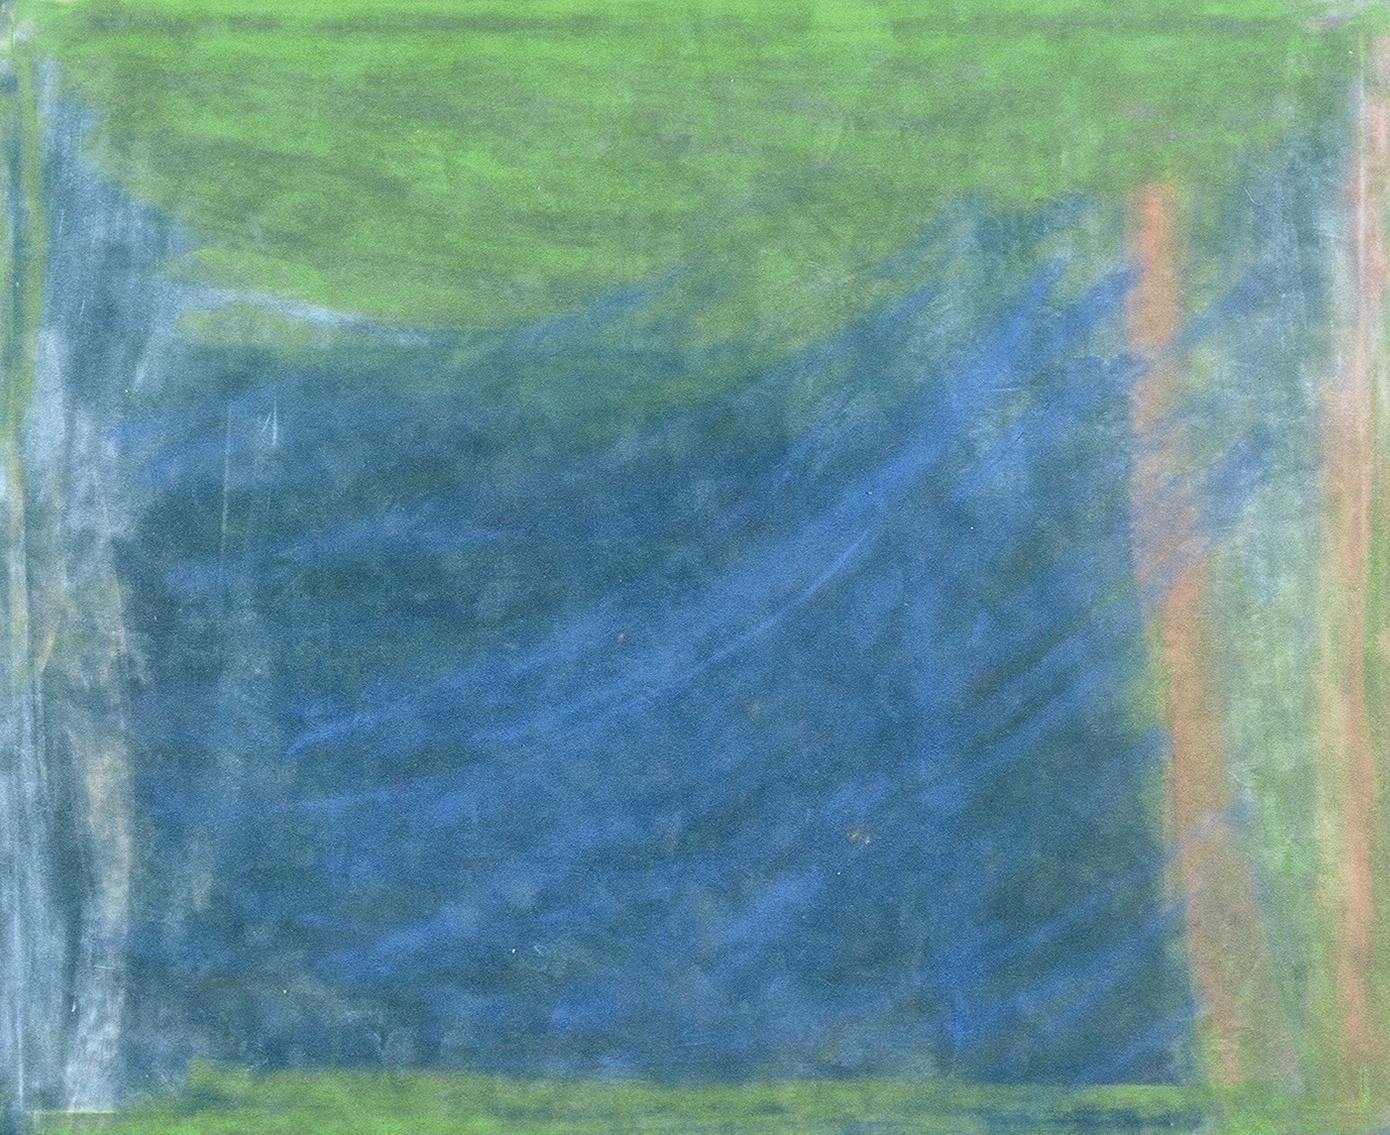 11-29-2005-07.jpg